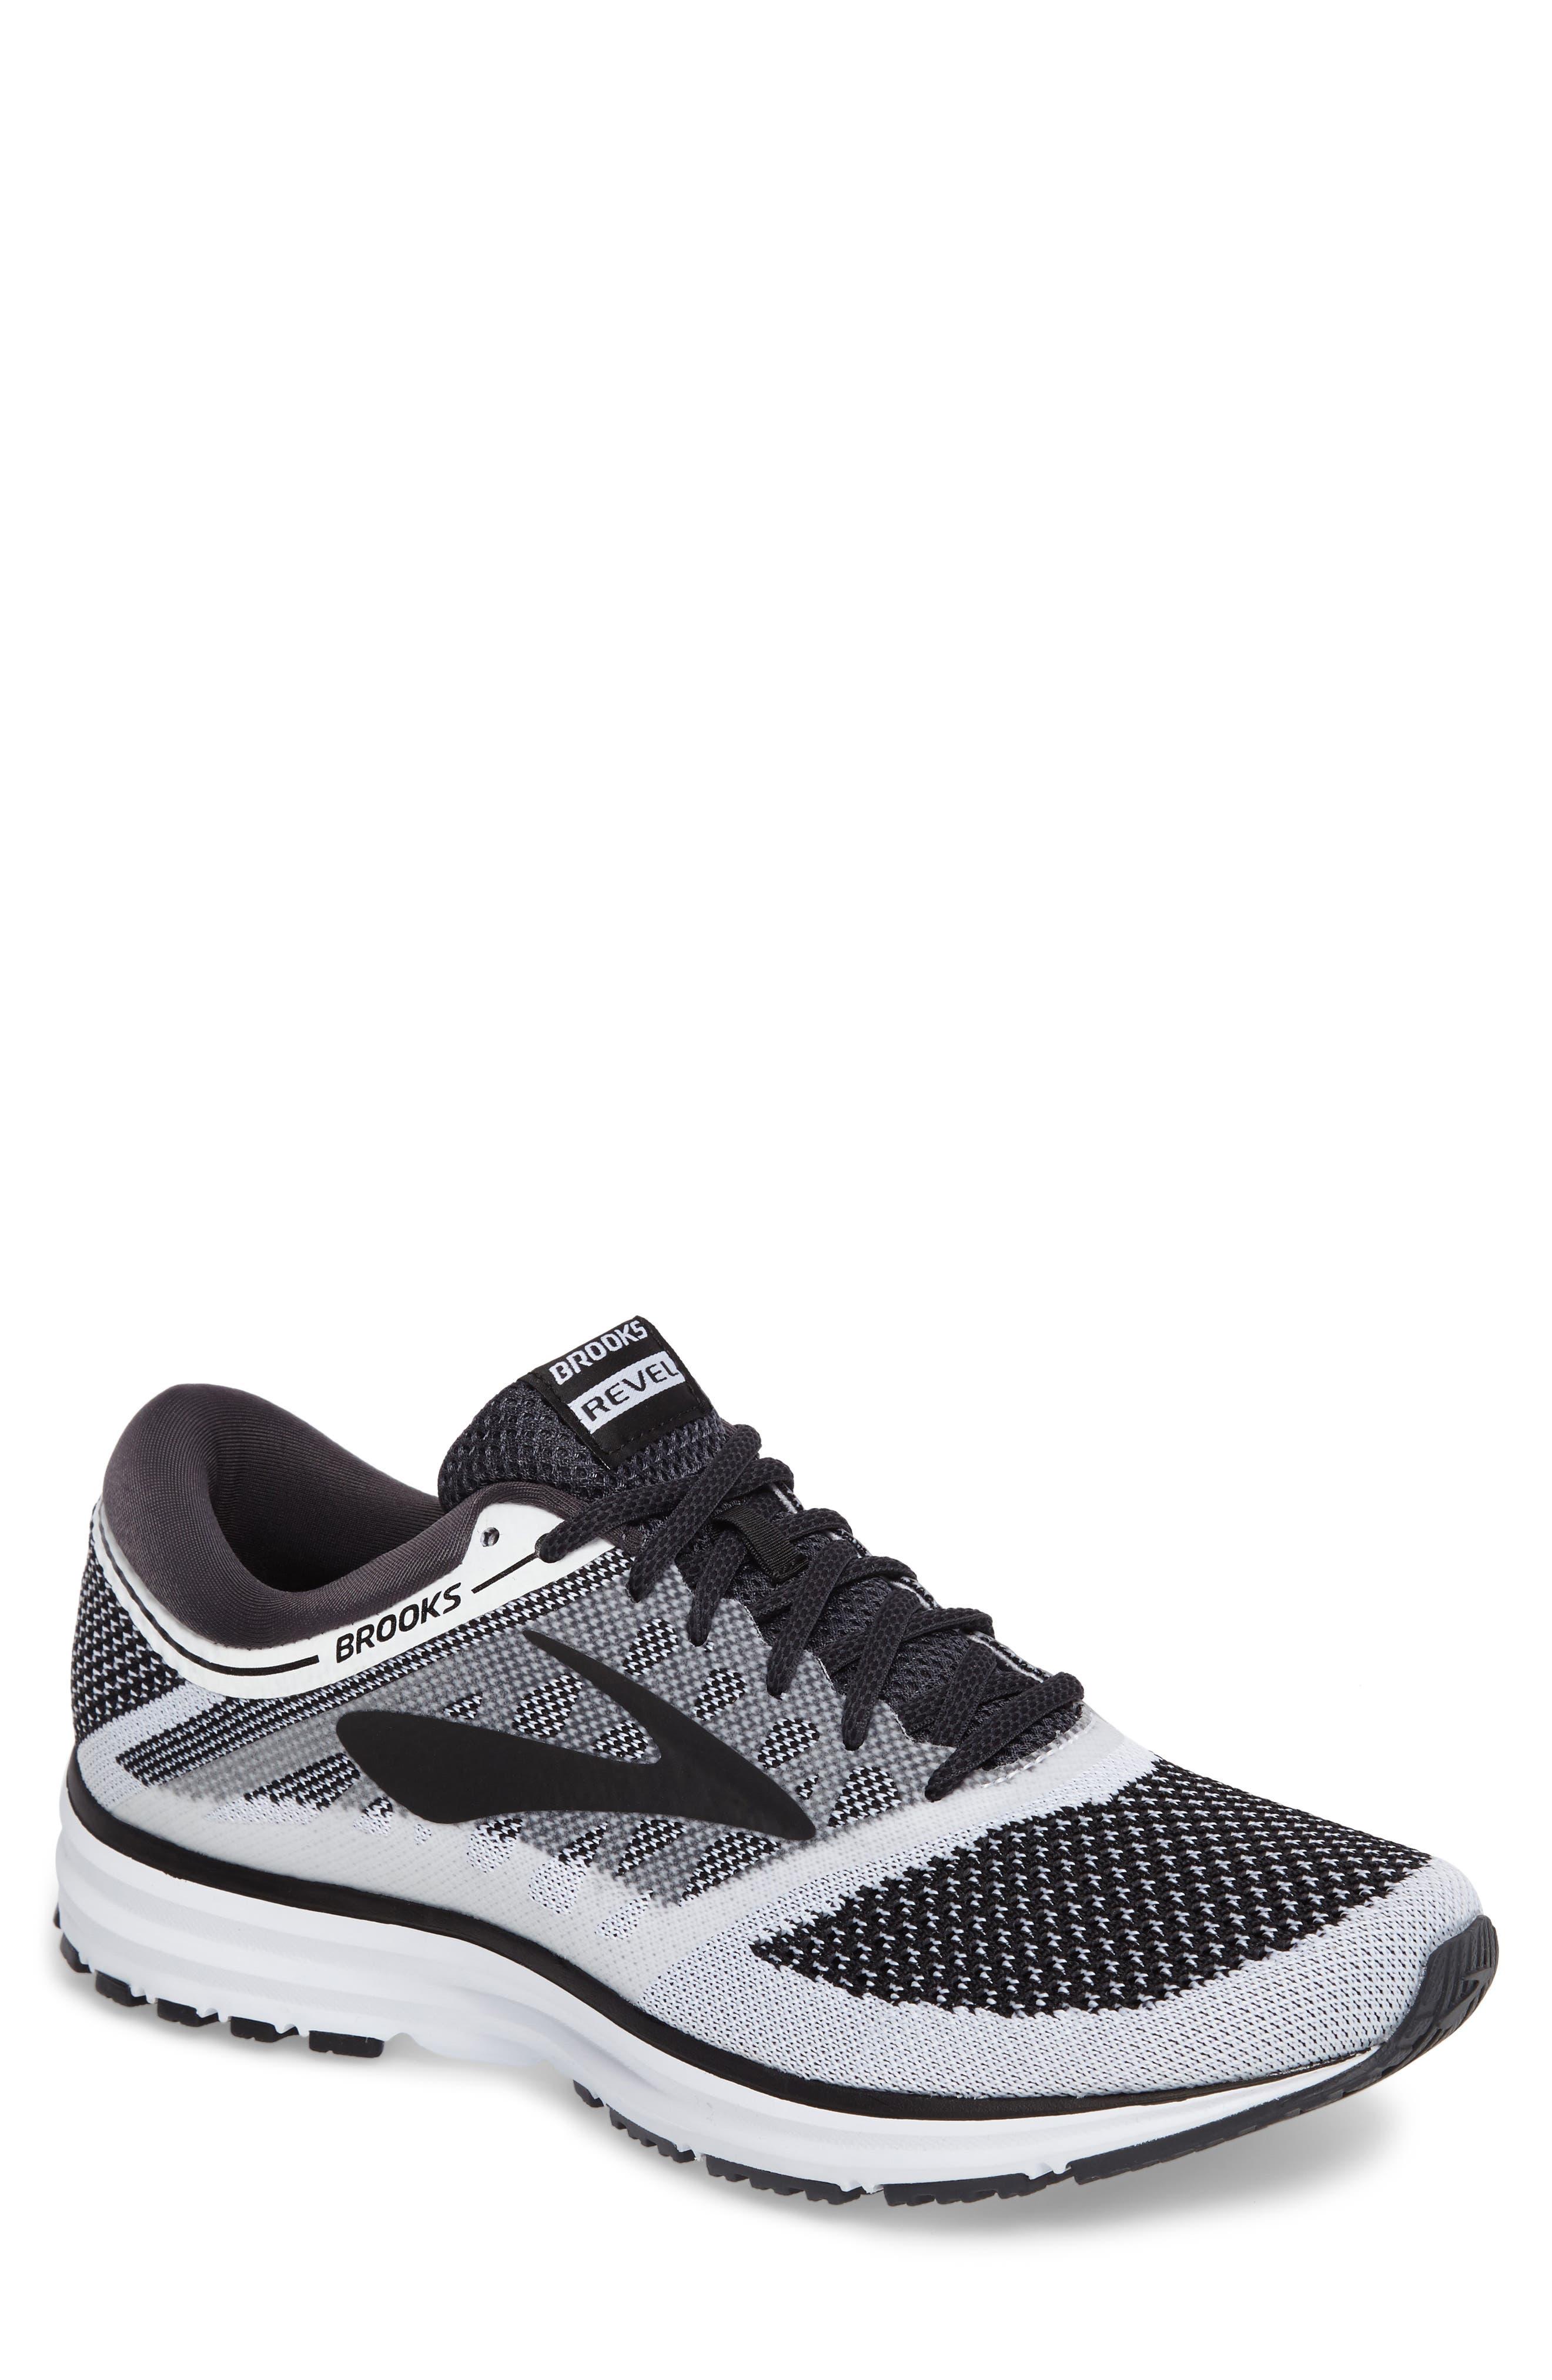 Revel Sneaker,                             Main thumbnail 1, color,                             White/ Anthracite/ Black